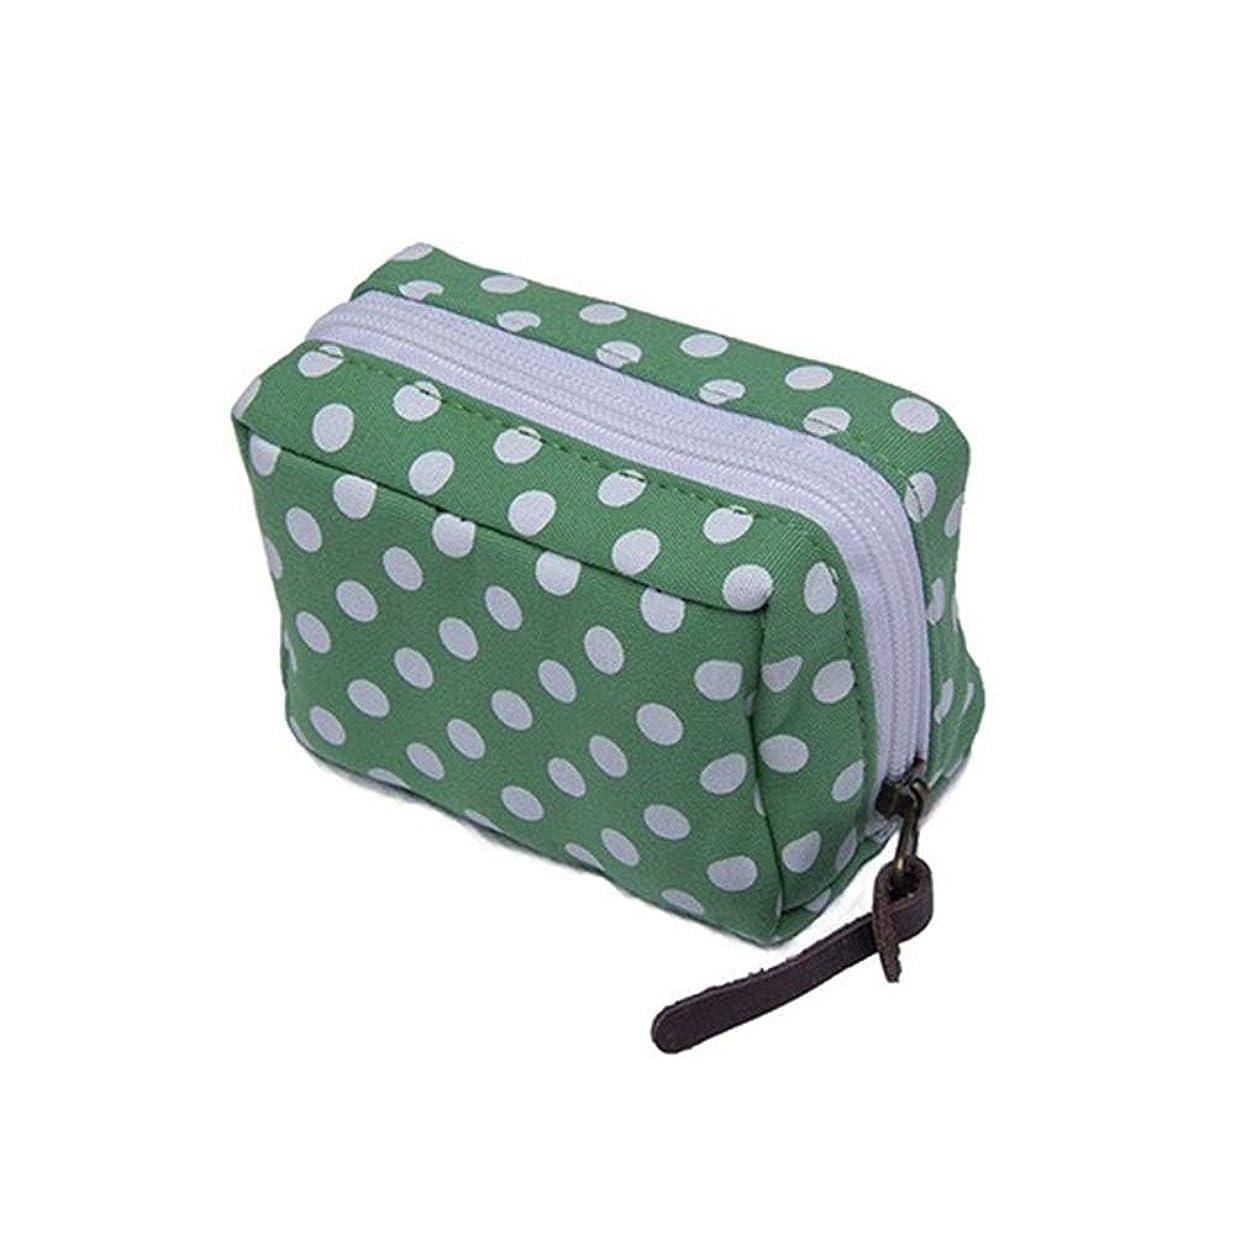 一目ビスケットトレイエッセンシャルオイル収納ケース旅行エッセンシャルオイルキャリングケースはレットとエッセンシャルオイルオーガナイザーバッグ形の6本のボトル10ミリリットル、15ミリリットルバイアルウェーブポイントを保持します 香水フレグランス (色 : 緑, サイズ : 11.5X5.8CM)